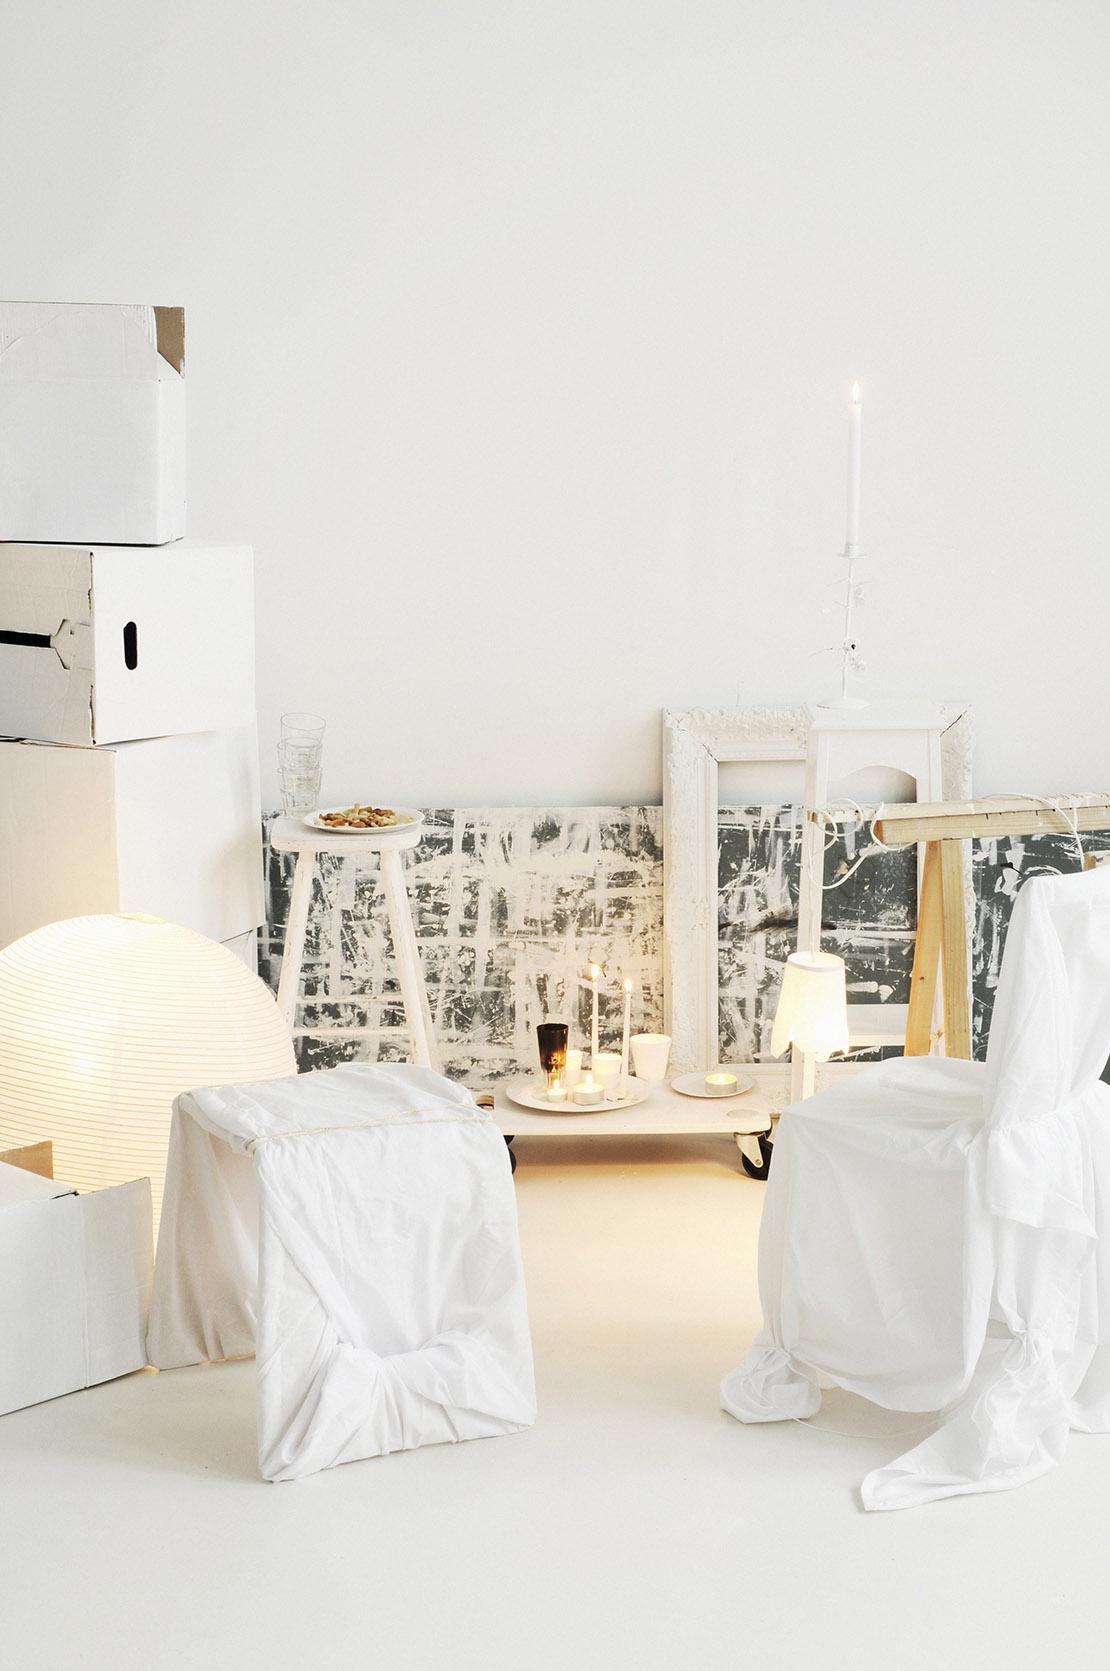 stehovani-spolecne-bydleni-s-pritelem